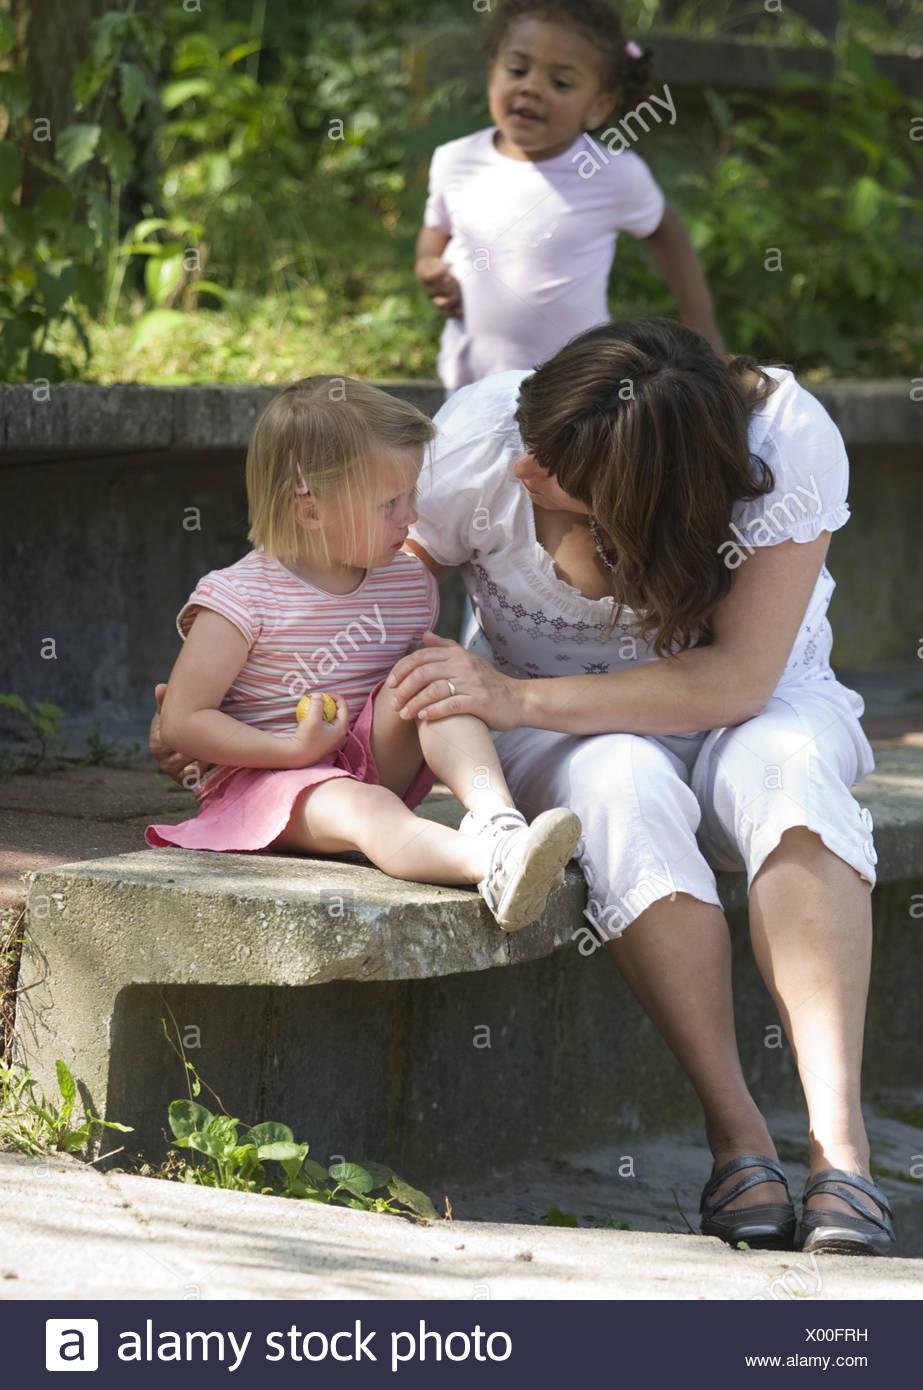 Frau trösten kleines Kind Kindertagesstätte Anlage Stockbild